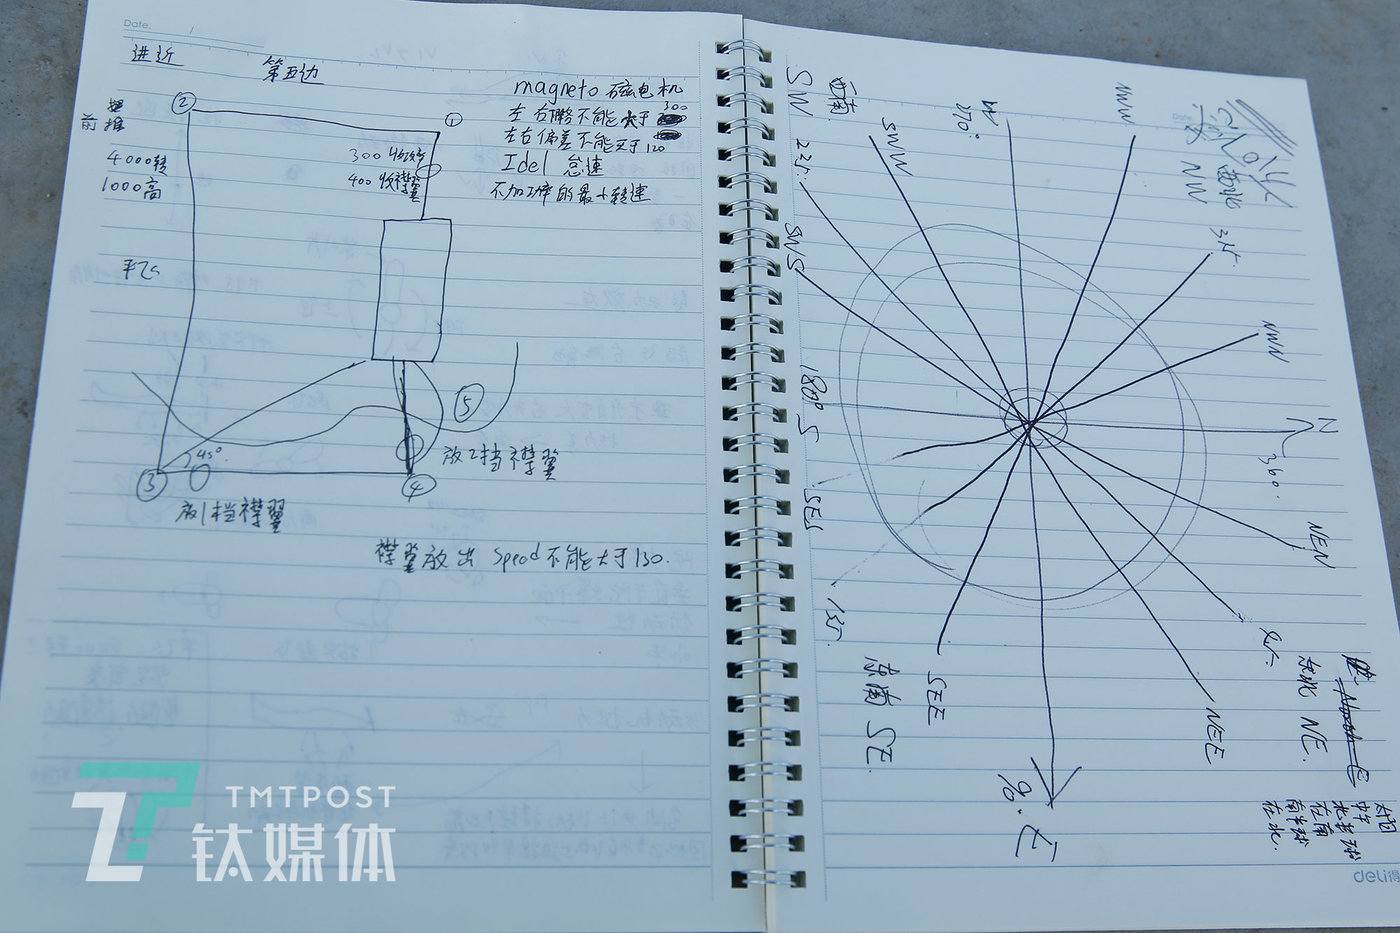 洪伟成的理论课笔记,上面画着五边跑道草图以及飞行标准。